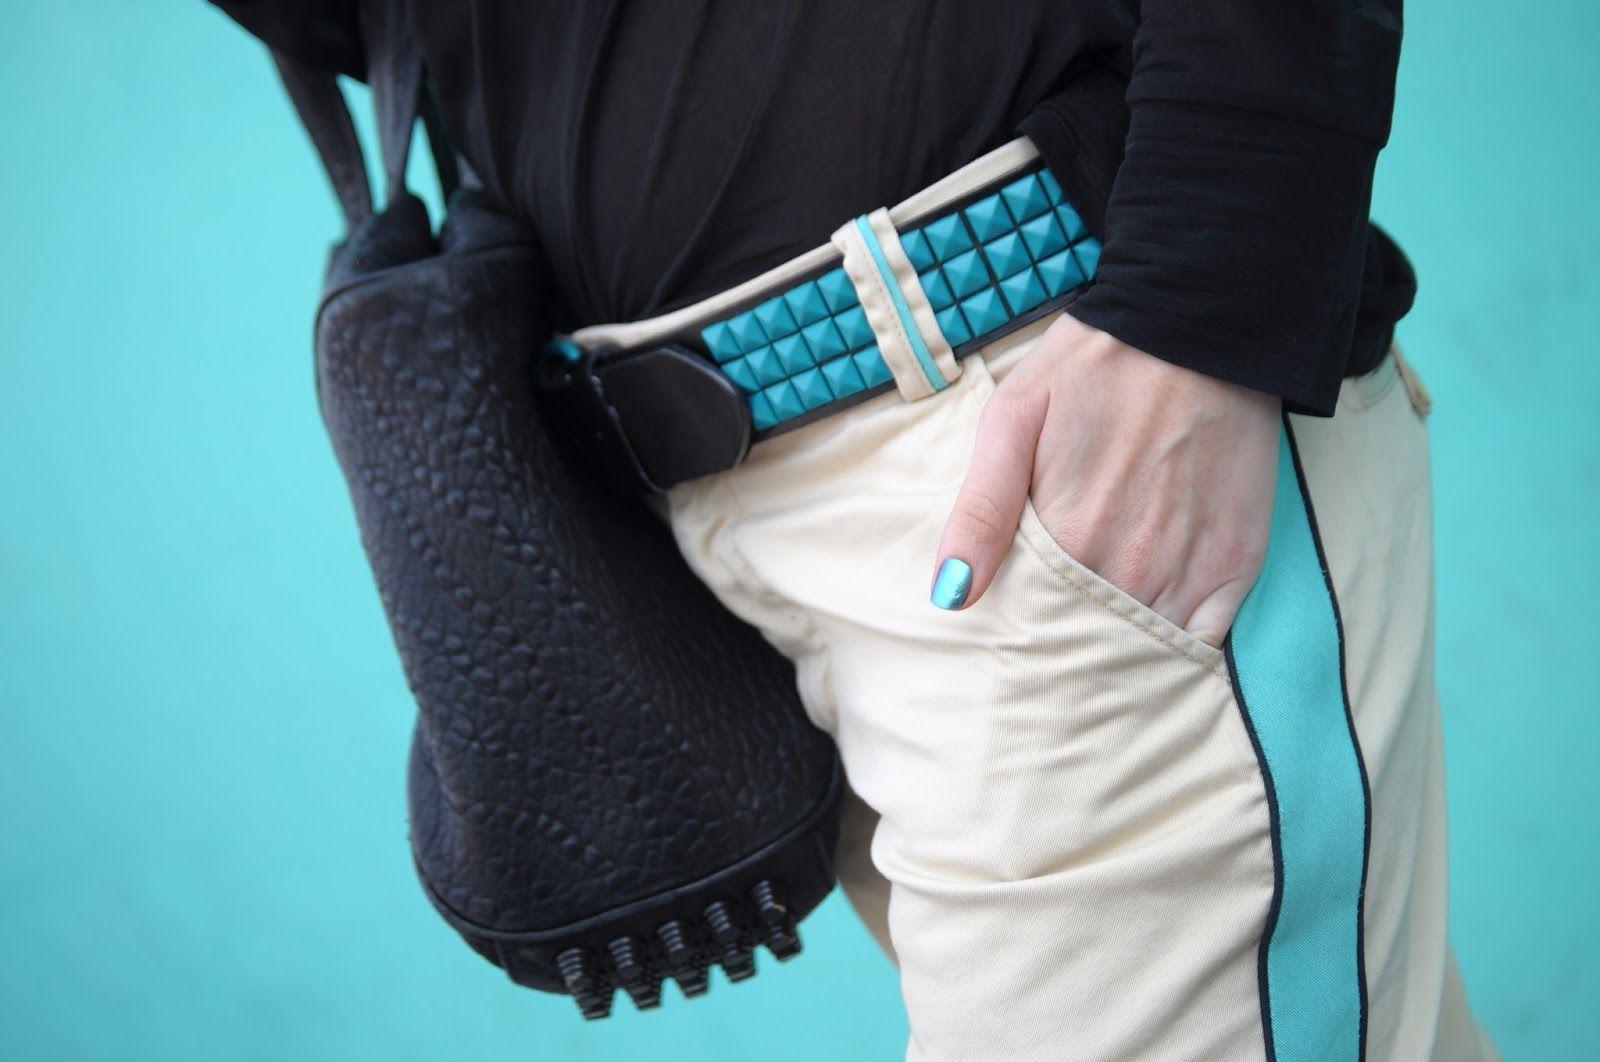 Lignes Graphiques… [http://lizzielo.blogspot.com/2013/10/lignes-graphiques.html] Marc Jacobs pants + Wang Rocco + Chanel Azure vernis